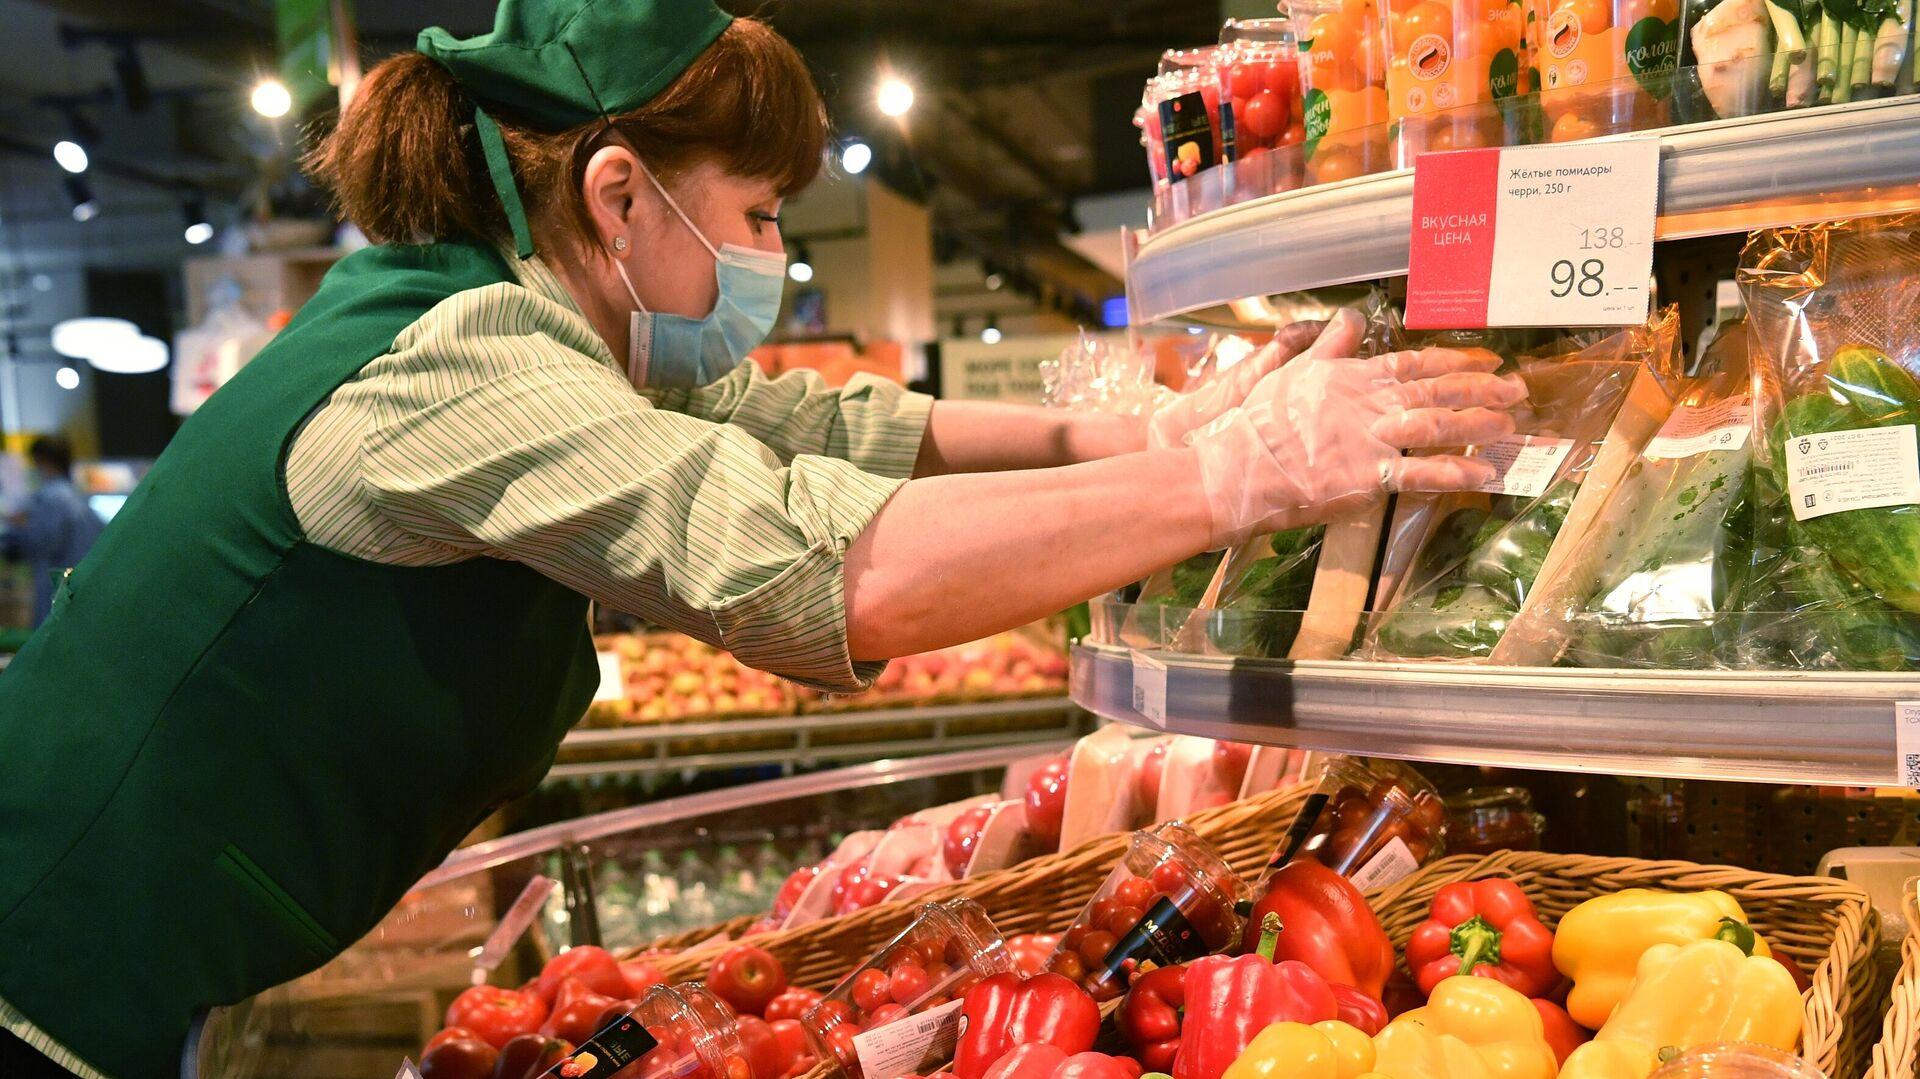 Продавец выкладывает овощи на прилавок в магазине Азбука Вкуса в Москве - РИА Новости, 1920, 05.10.2021